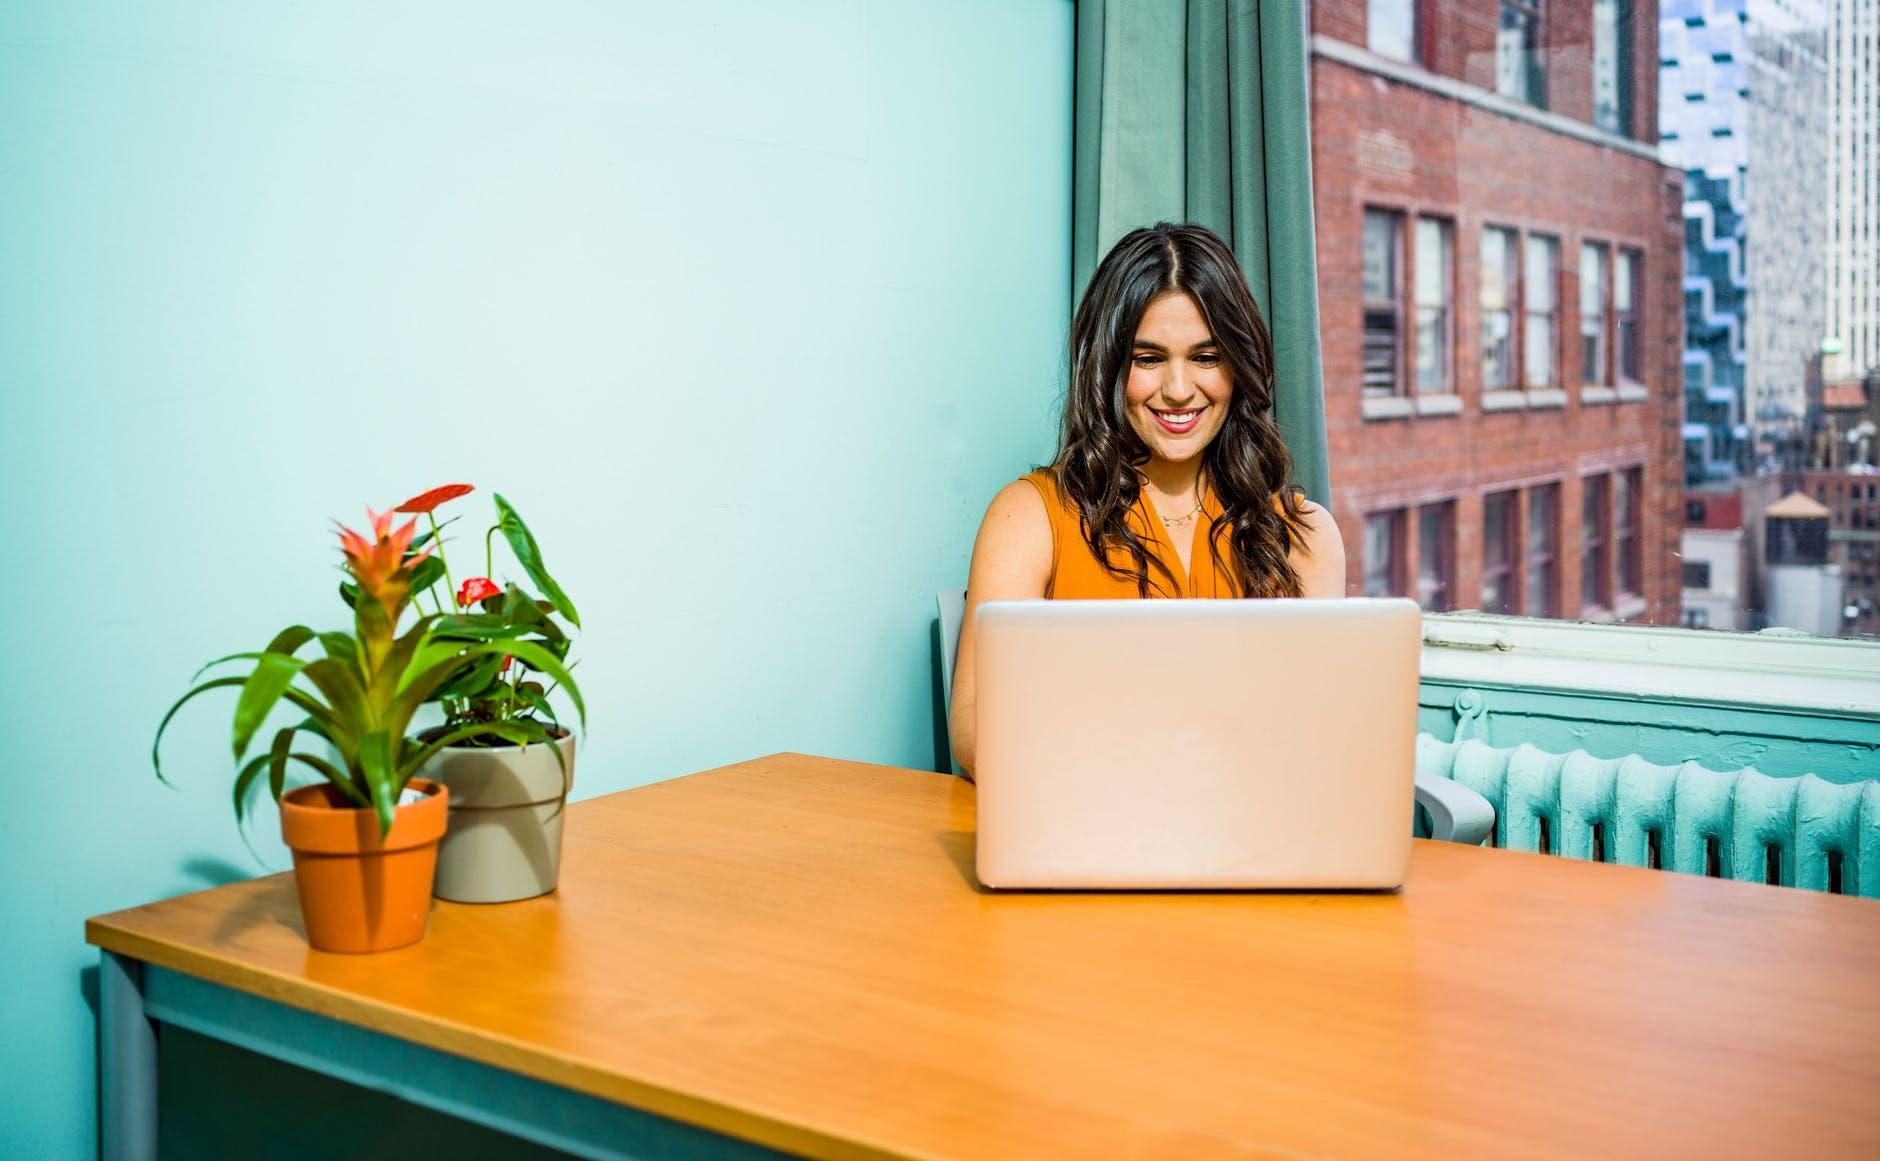 Mujer sonriendo frente a una laptop